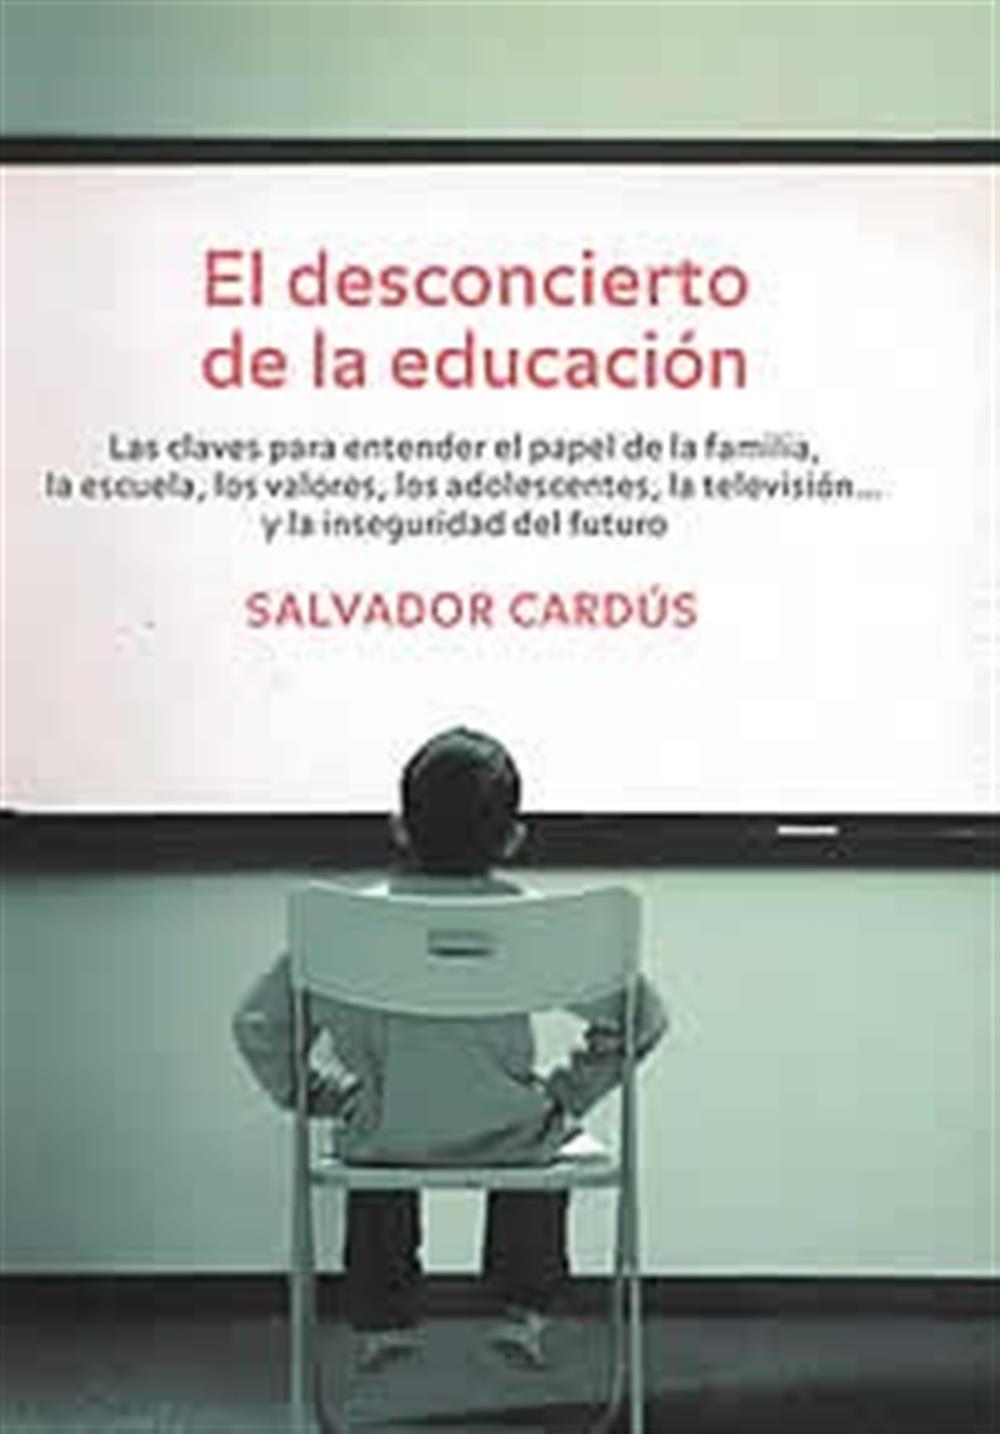 El desconcierto de la educación